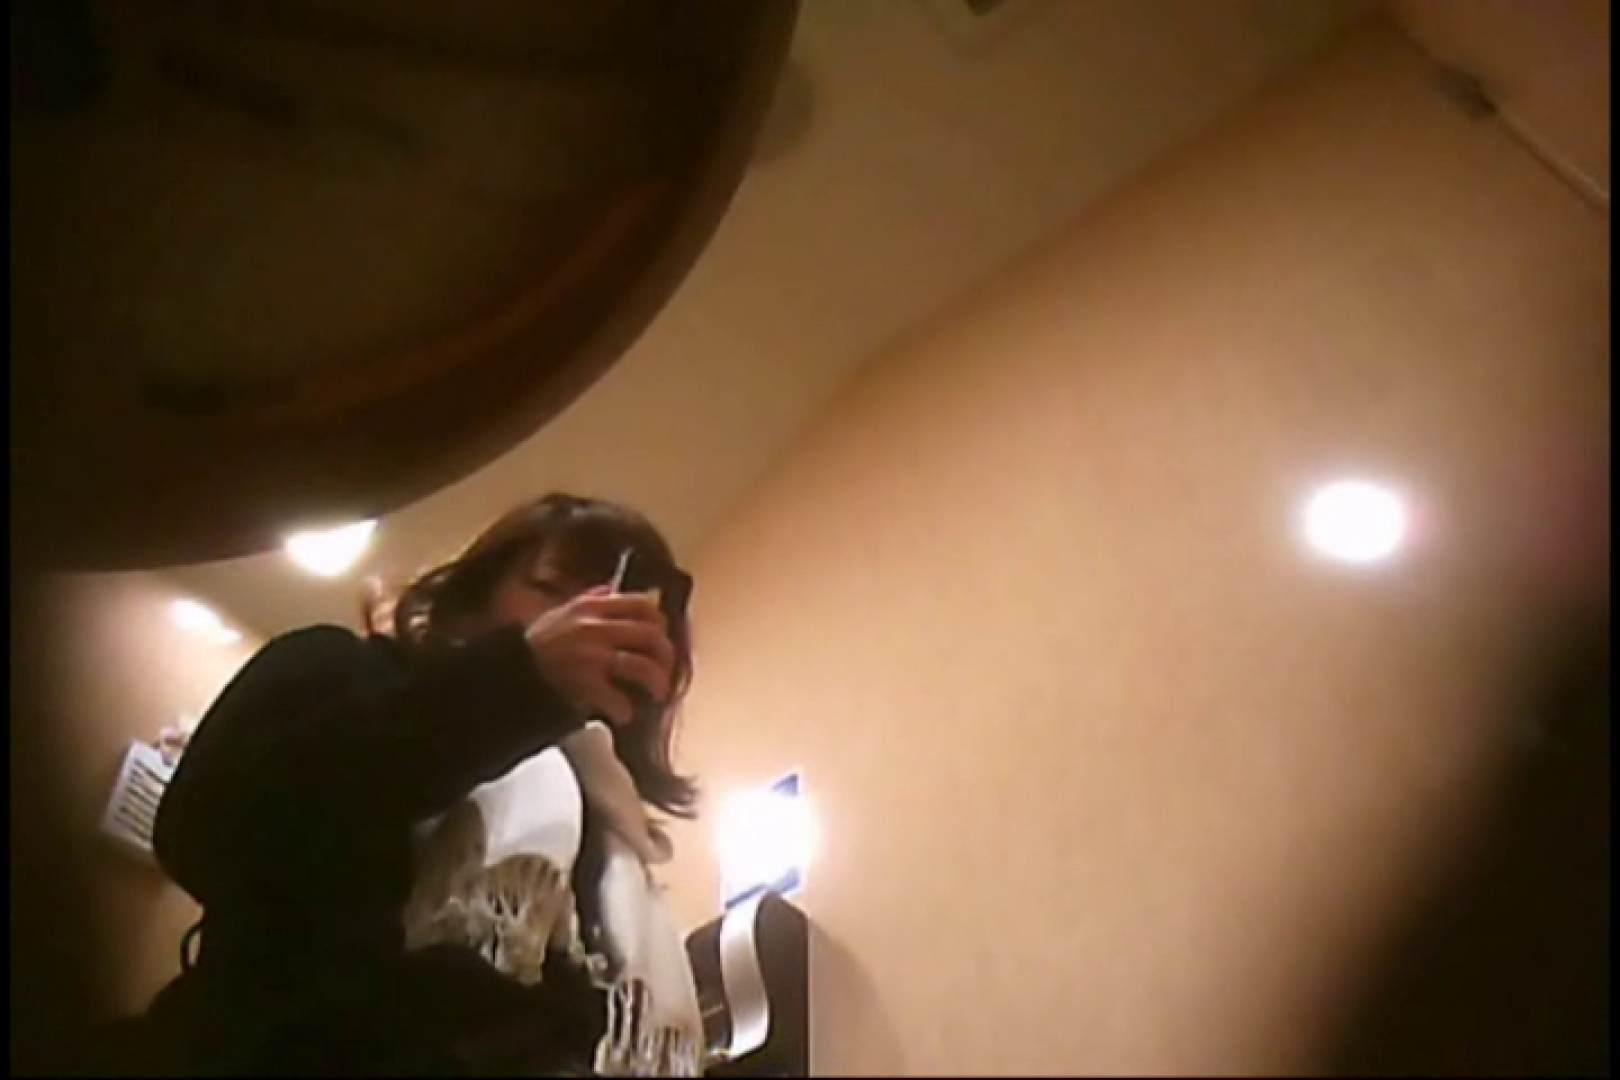 潜入!!女子化粧室盗撮~絶対見られたくない時間~vo,74 エロいお姉さん | 盗撮動画  9枚 1